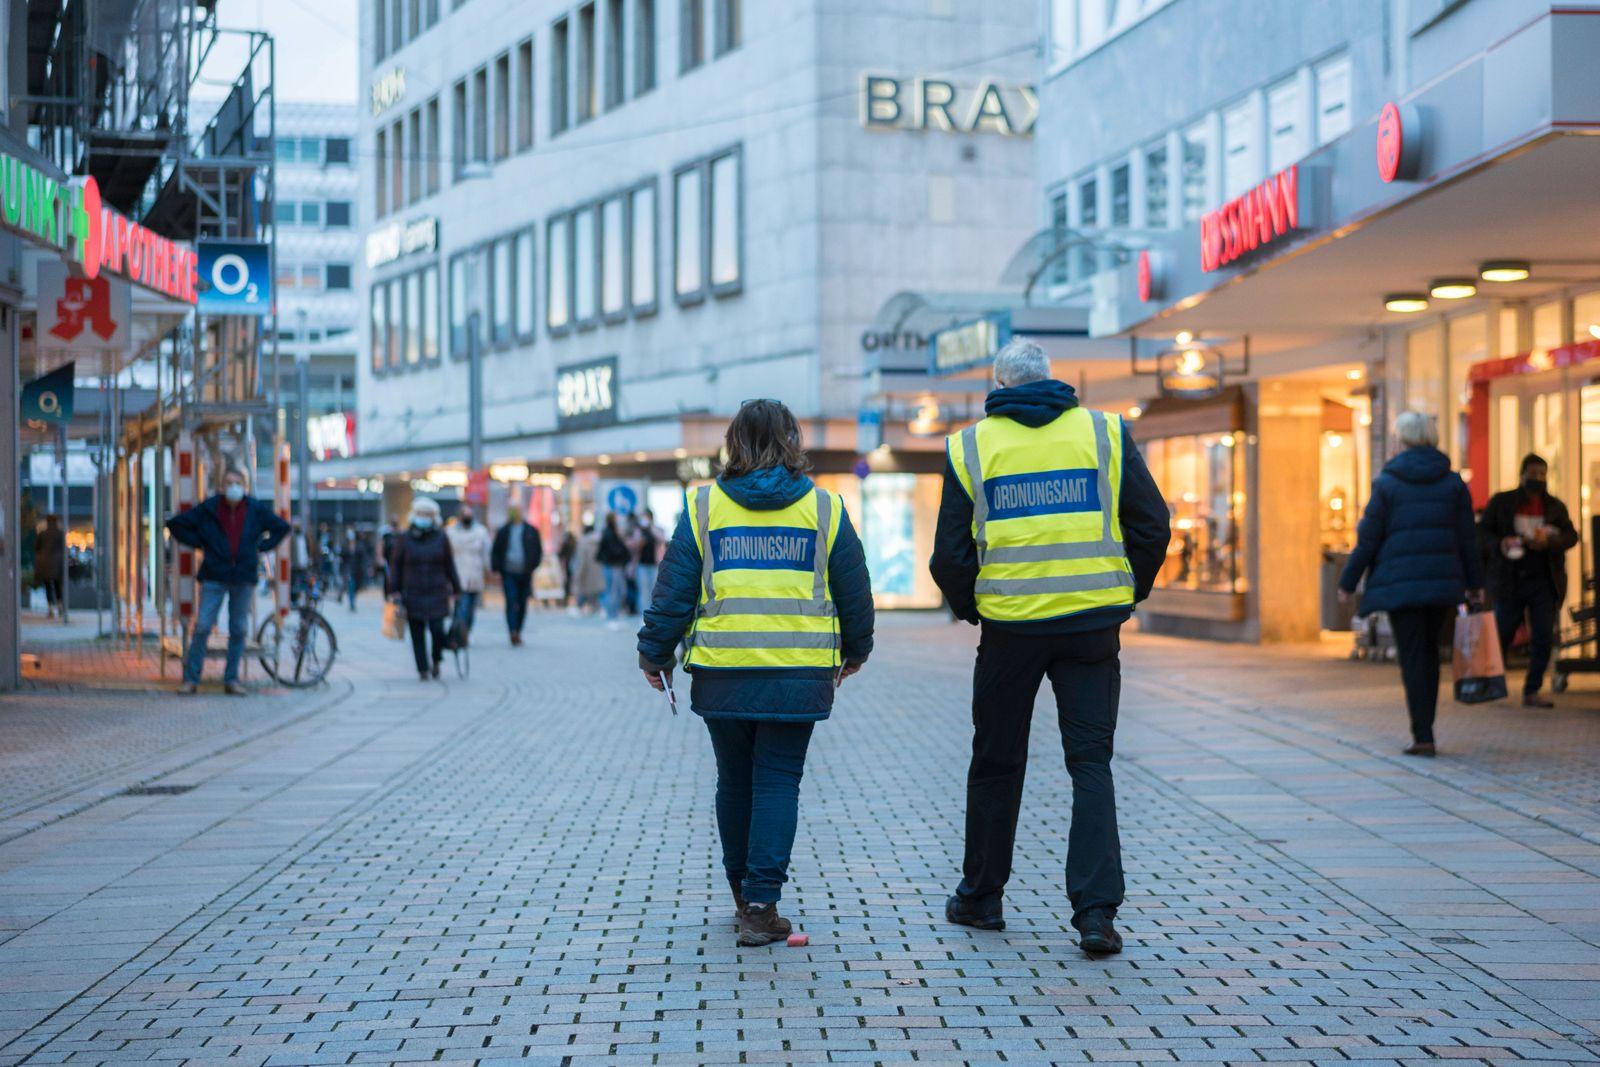 Streife des Ordnungsamts Streife des Ordnungsamts überwacht die Einhaltung derr Maskenpflicht in der Niederstraße in de